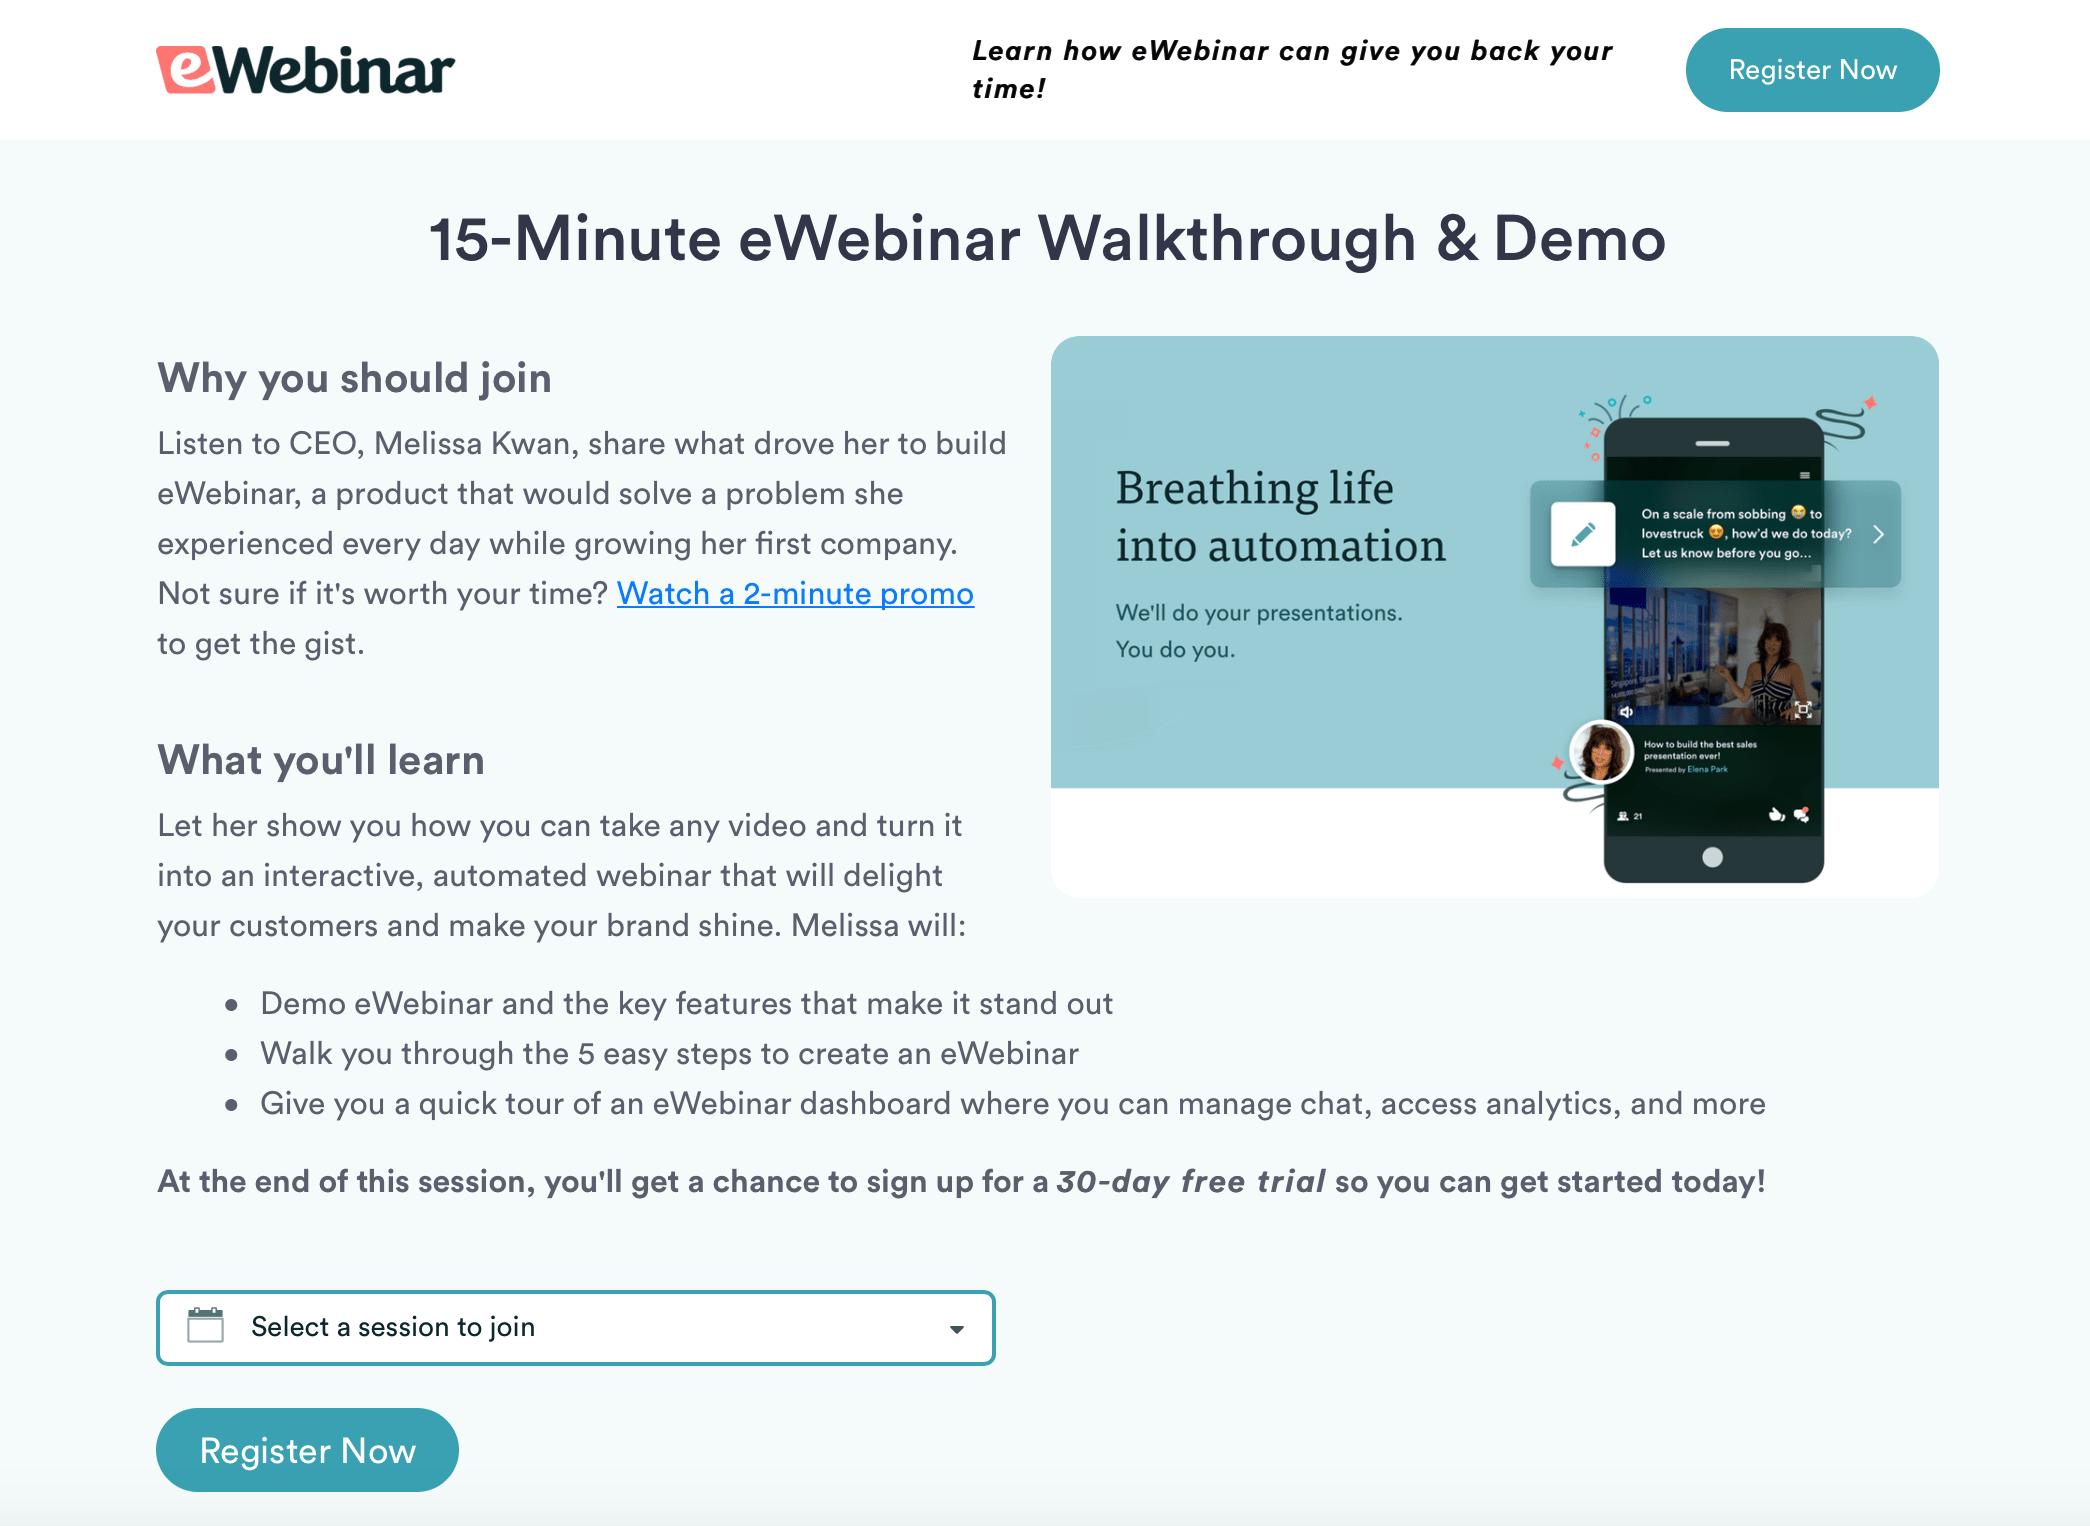 Registration page for eWebinar's demo